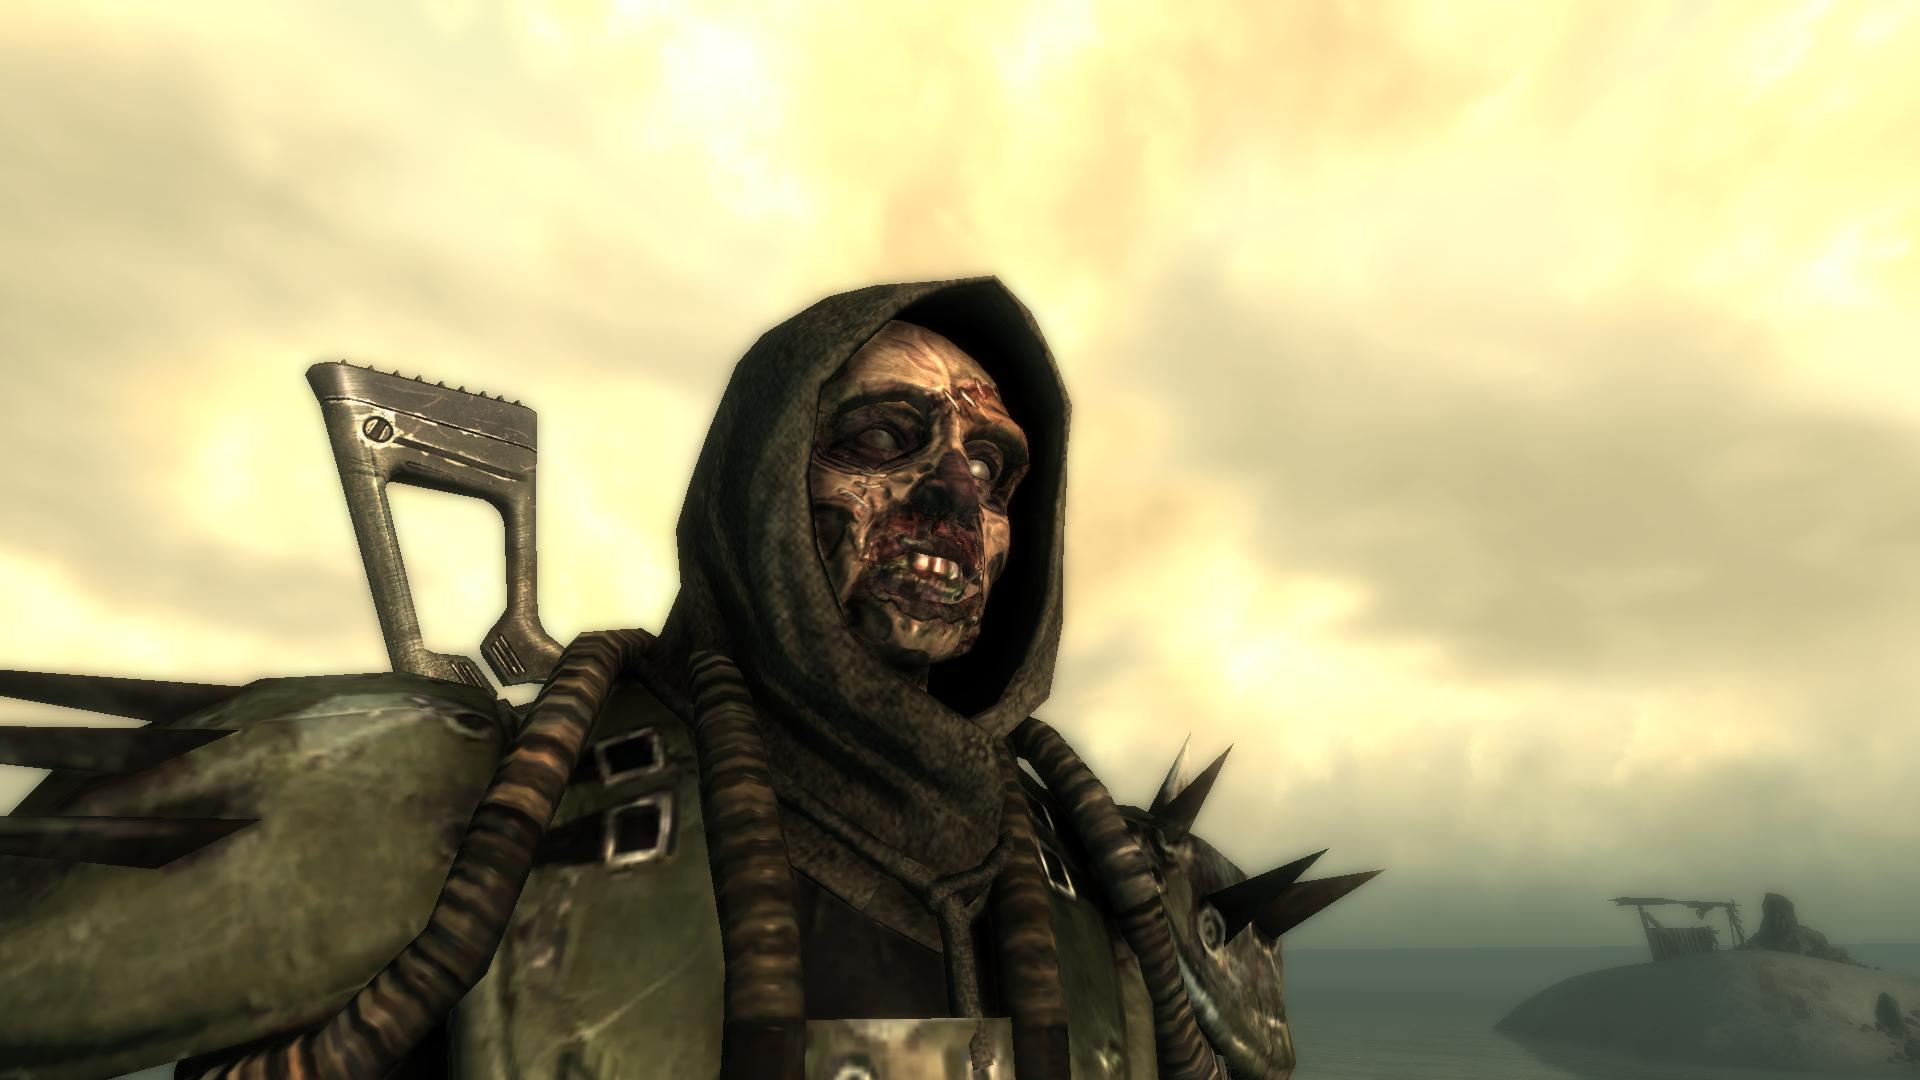 Ghoul_Smuggler.jpg